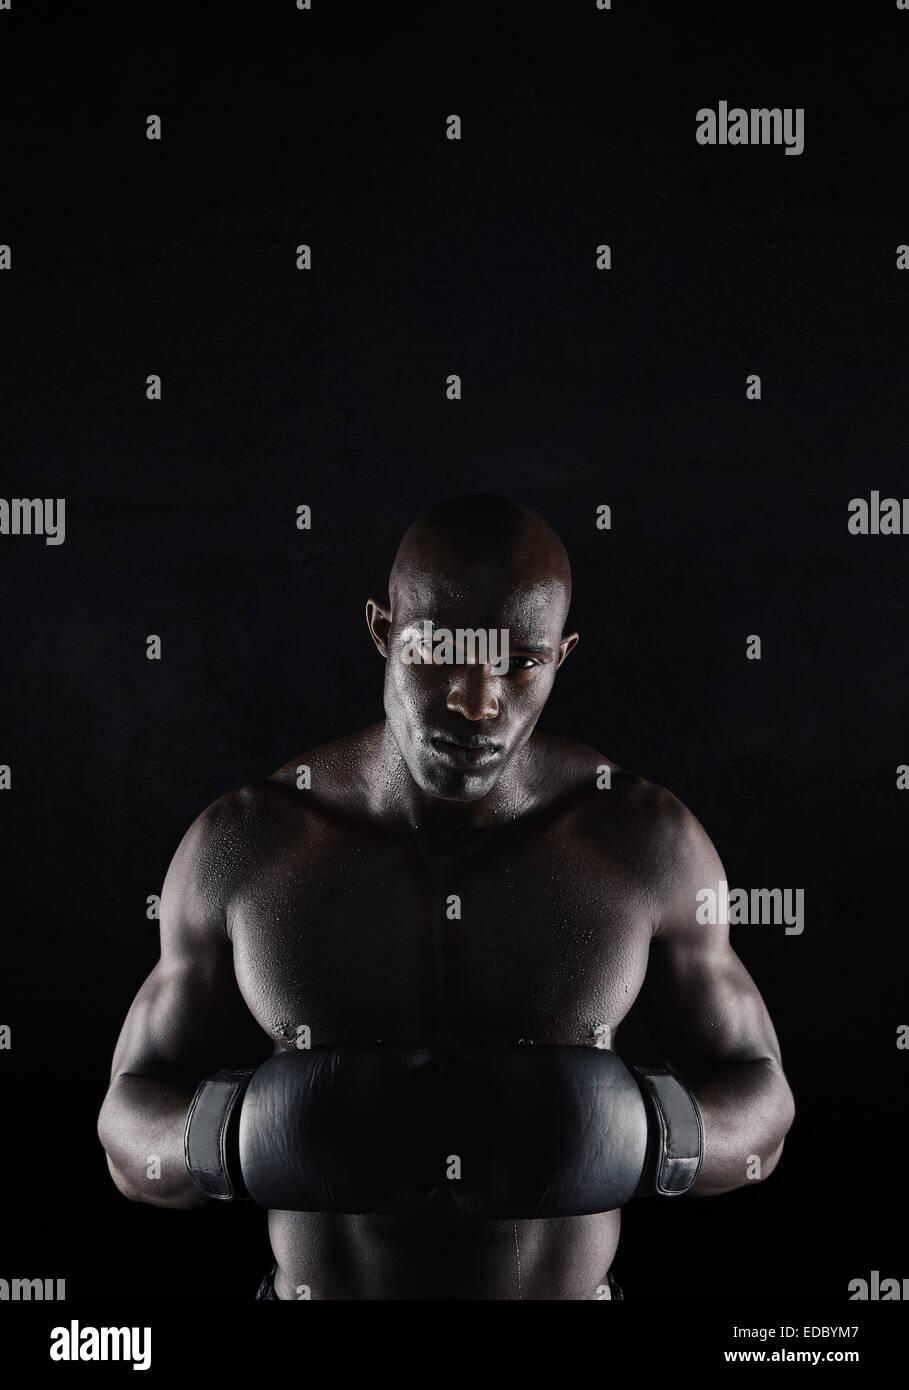 Retrato de profesionales Boxer Masculino contra el fondo negro. Fuerte y musculoso joven en boxeo de marcha. Imagen De Stock